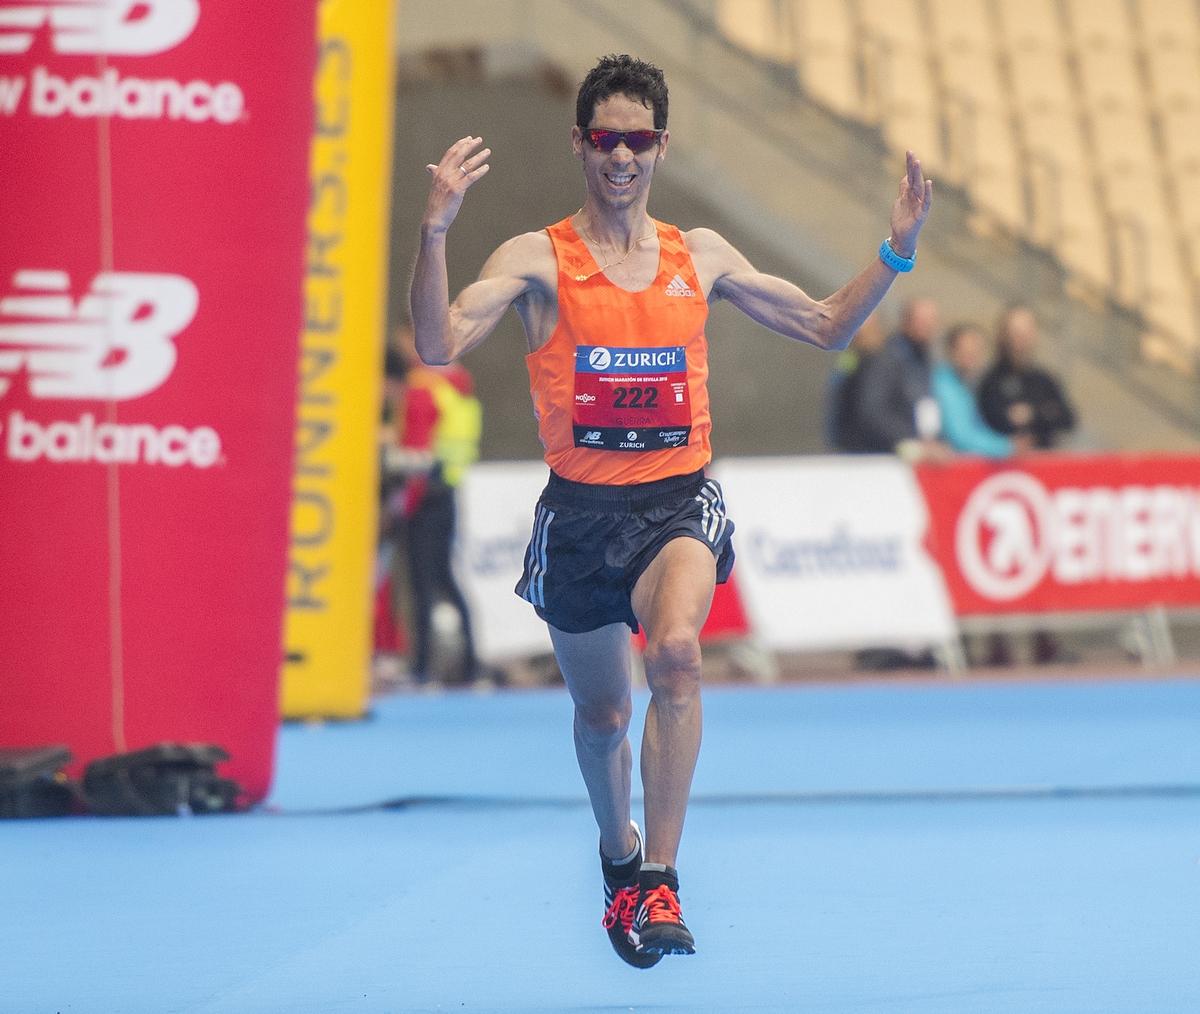 """Javi Guerra: """"En el Zurich Maratón de Sevilla  se va a ver un buen espectáculo"""""""